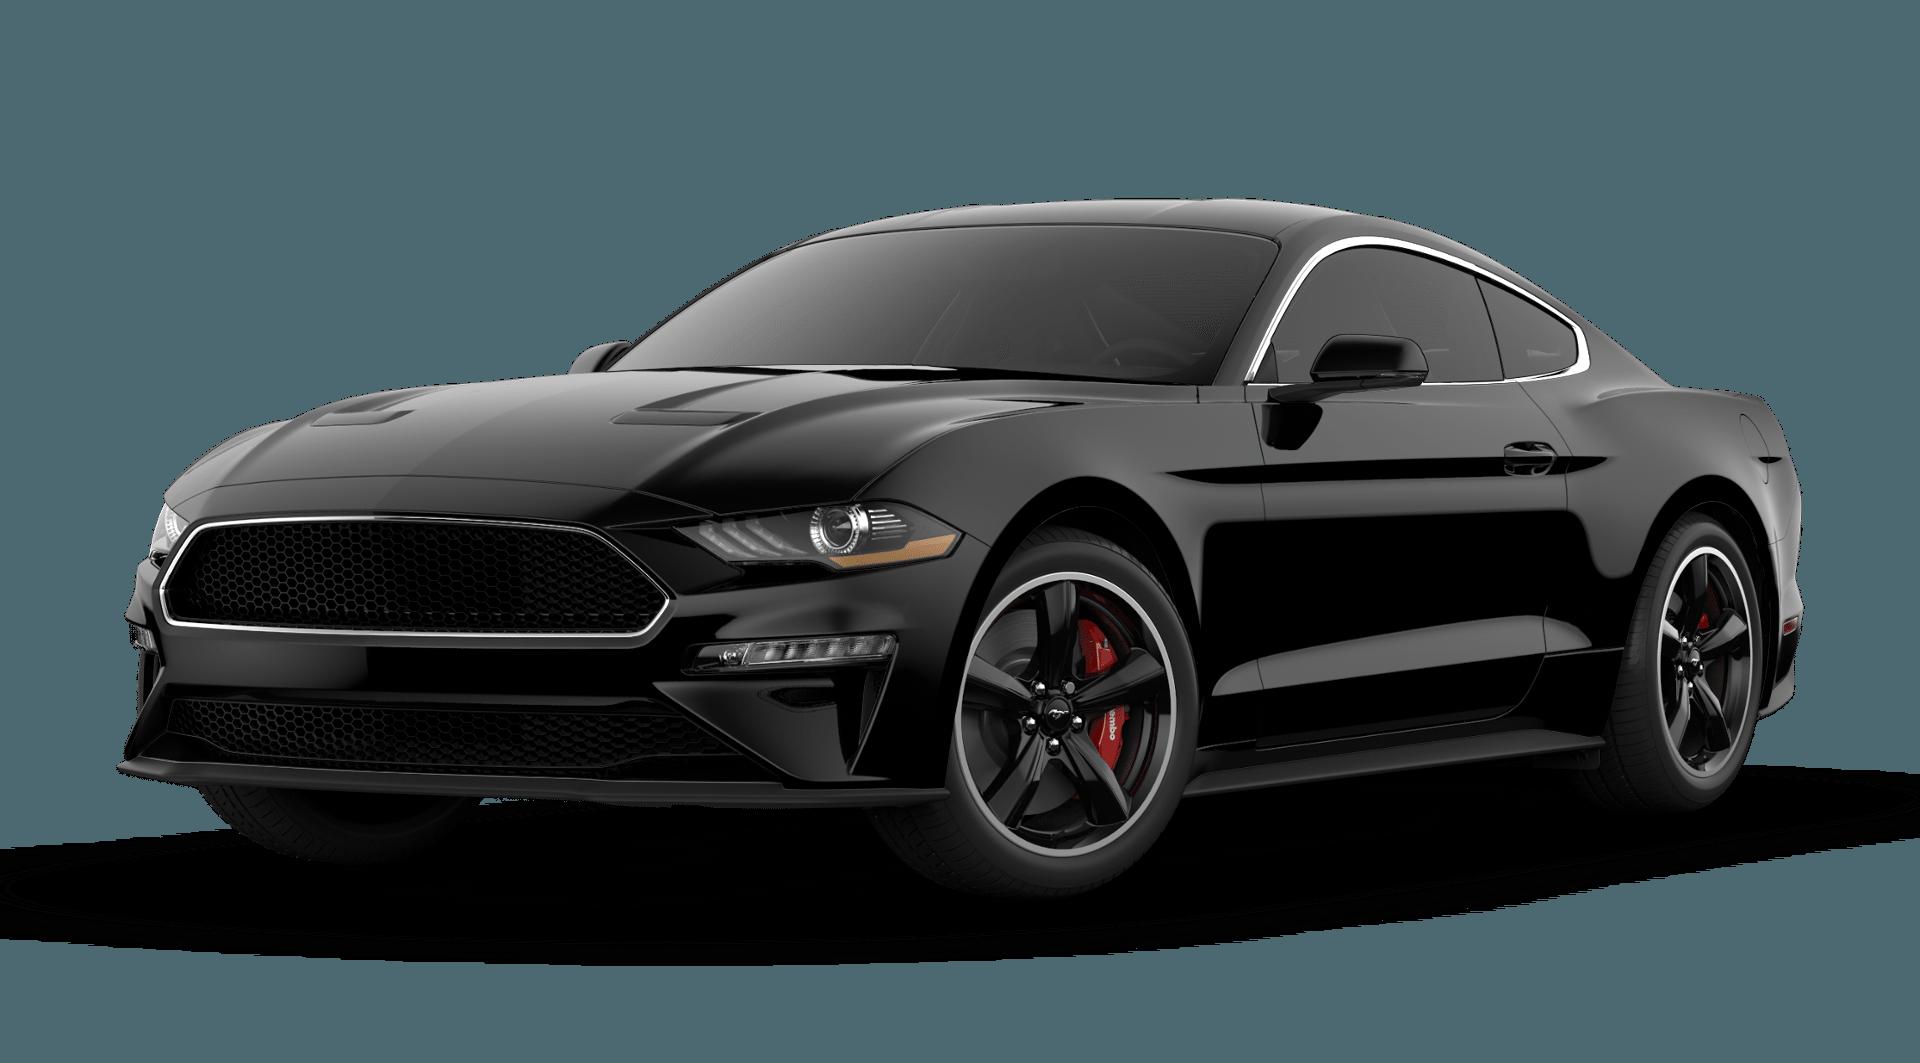 Mustang Bullitt Colors Fabulous Car Color For Mustang Bullitt 2020